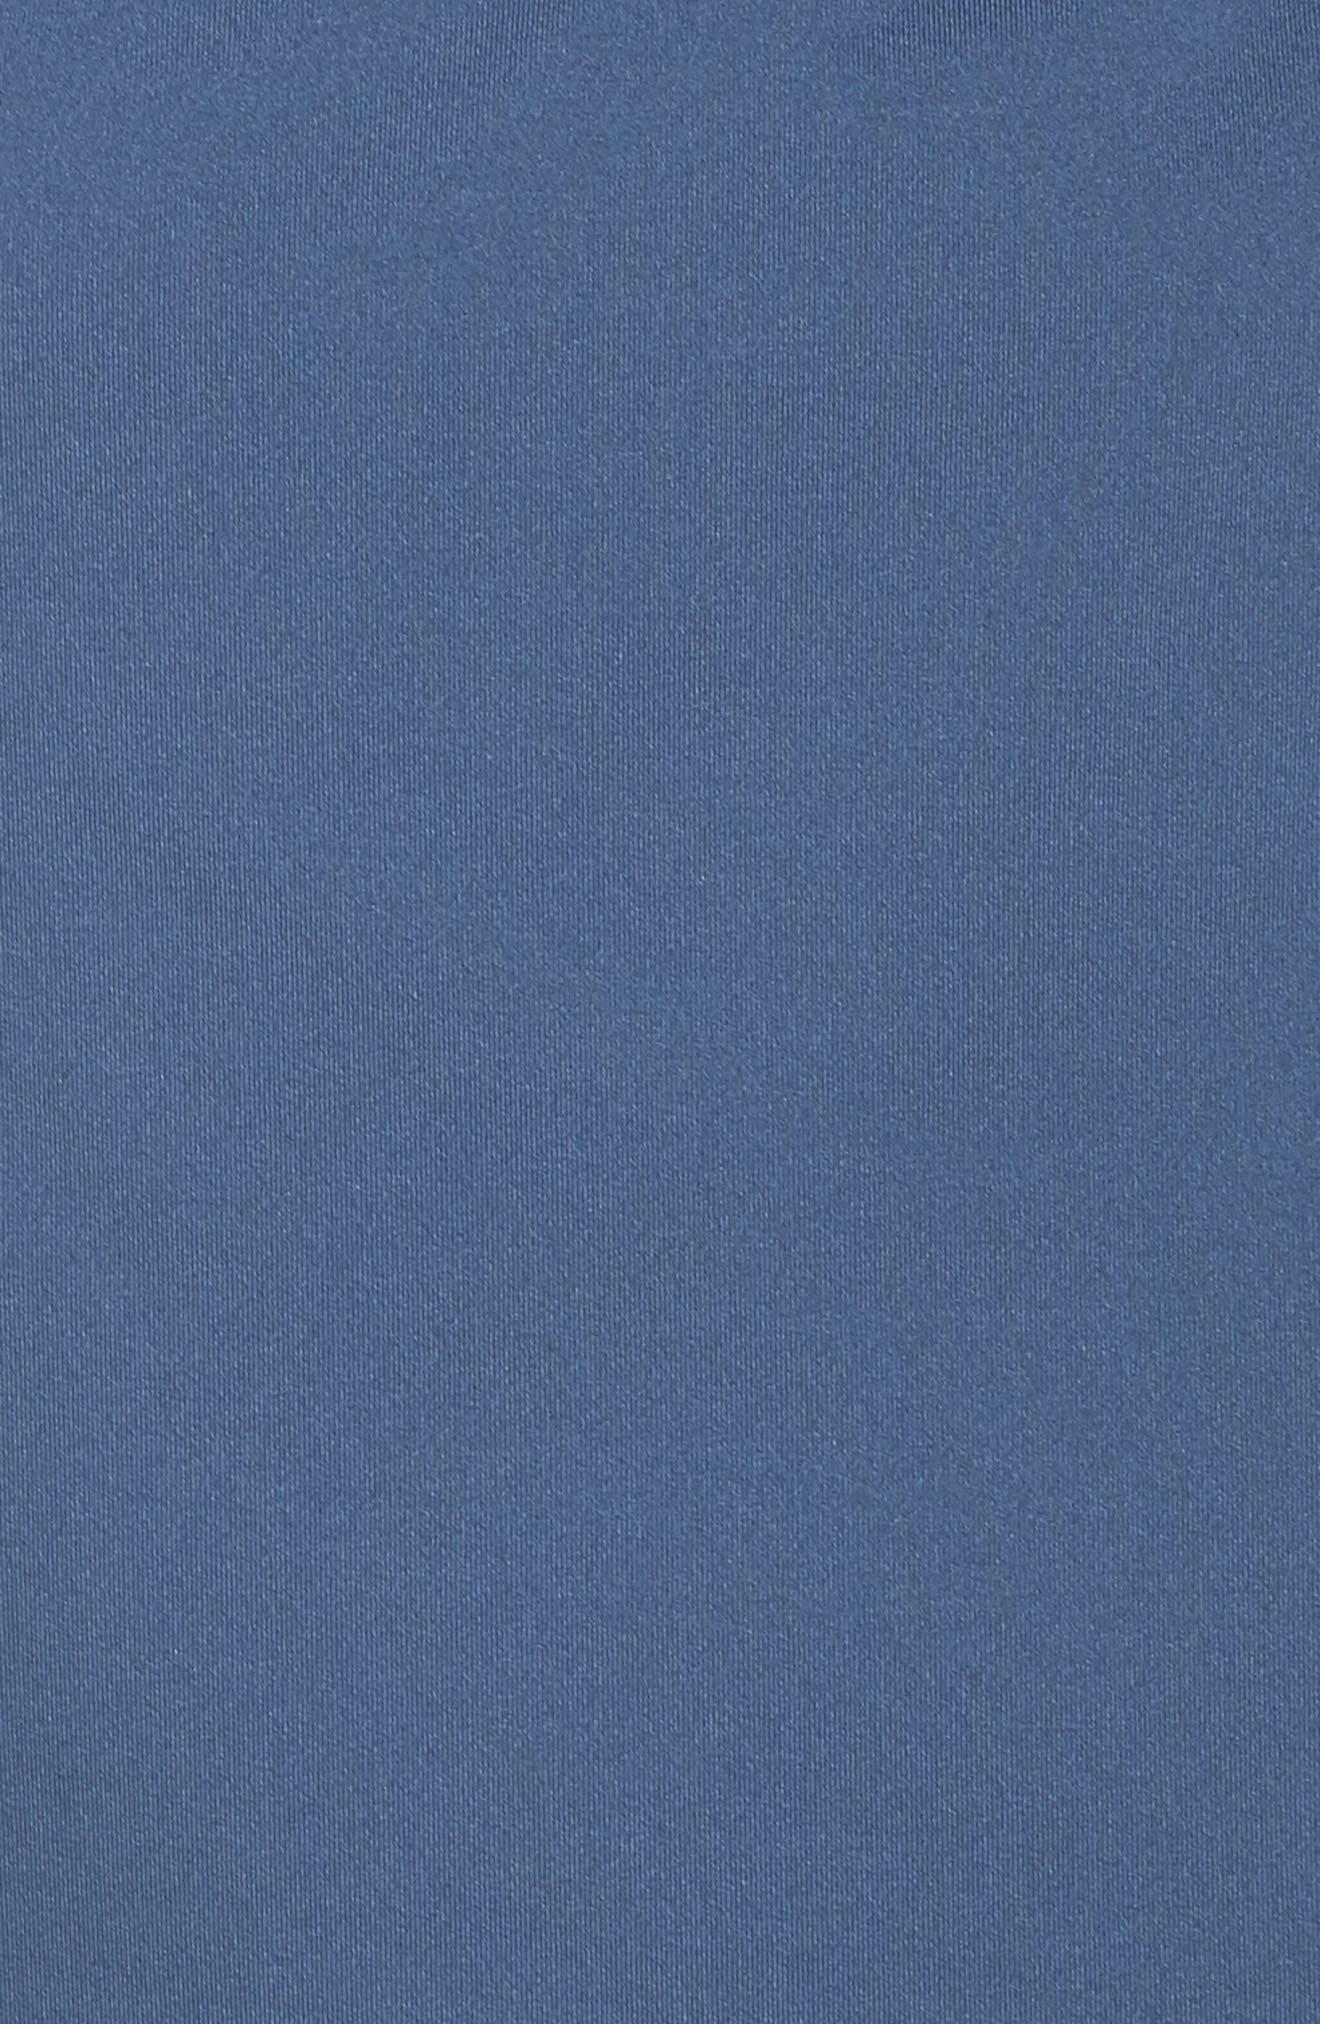 NIKE, Crossback Tankini Top, Alternate thumbnail 6, color, MONSOON BLUE